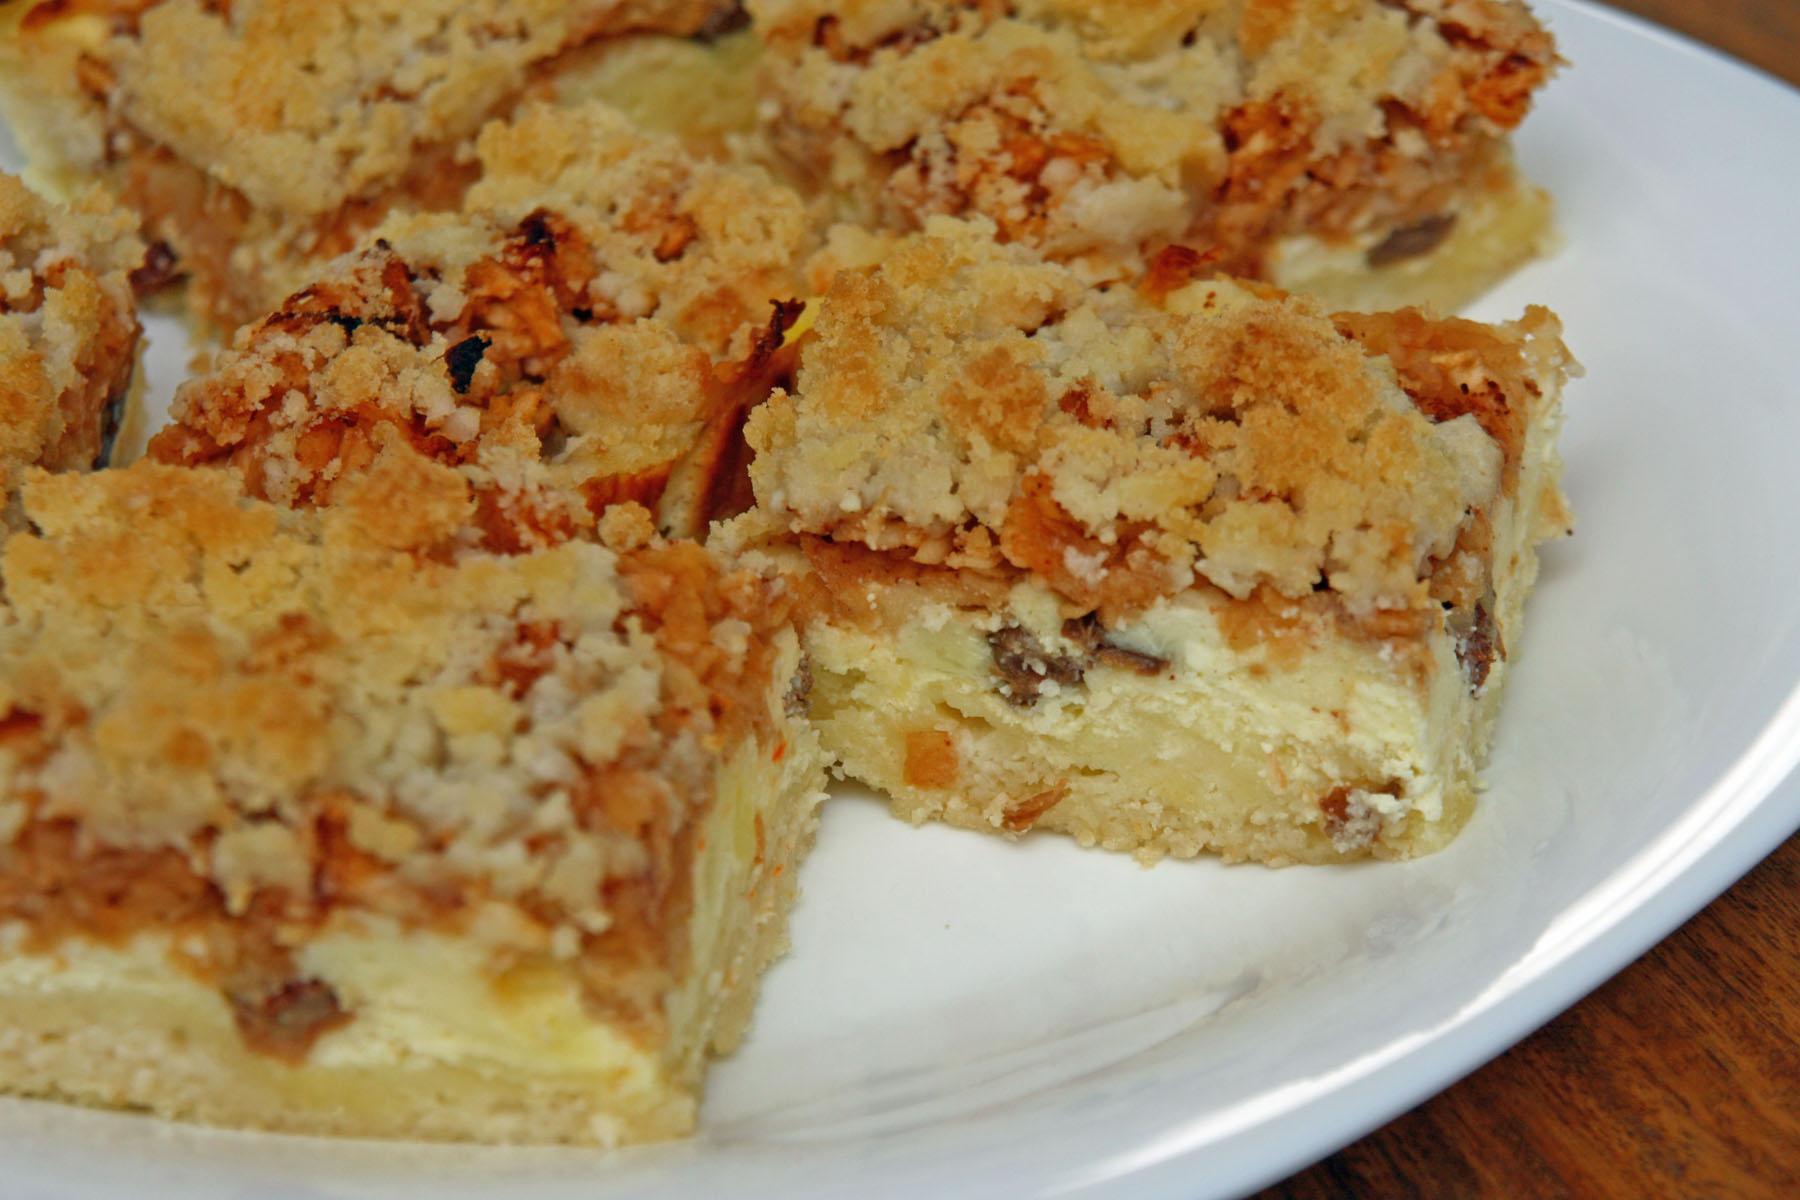 Drobenkový koláč s tvarohem a jablky